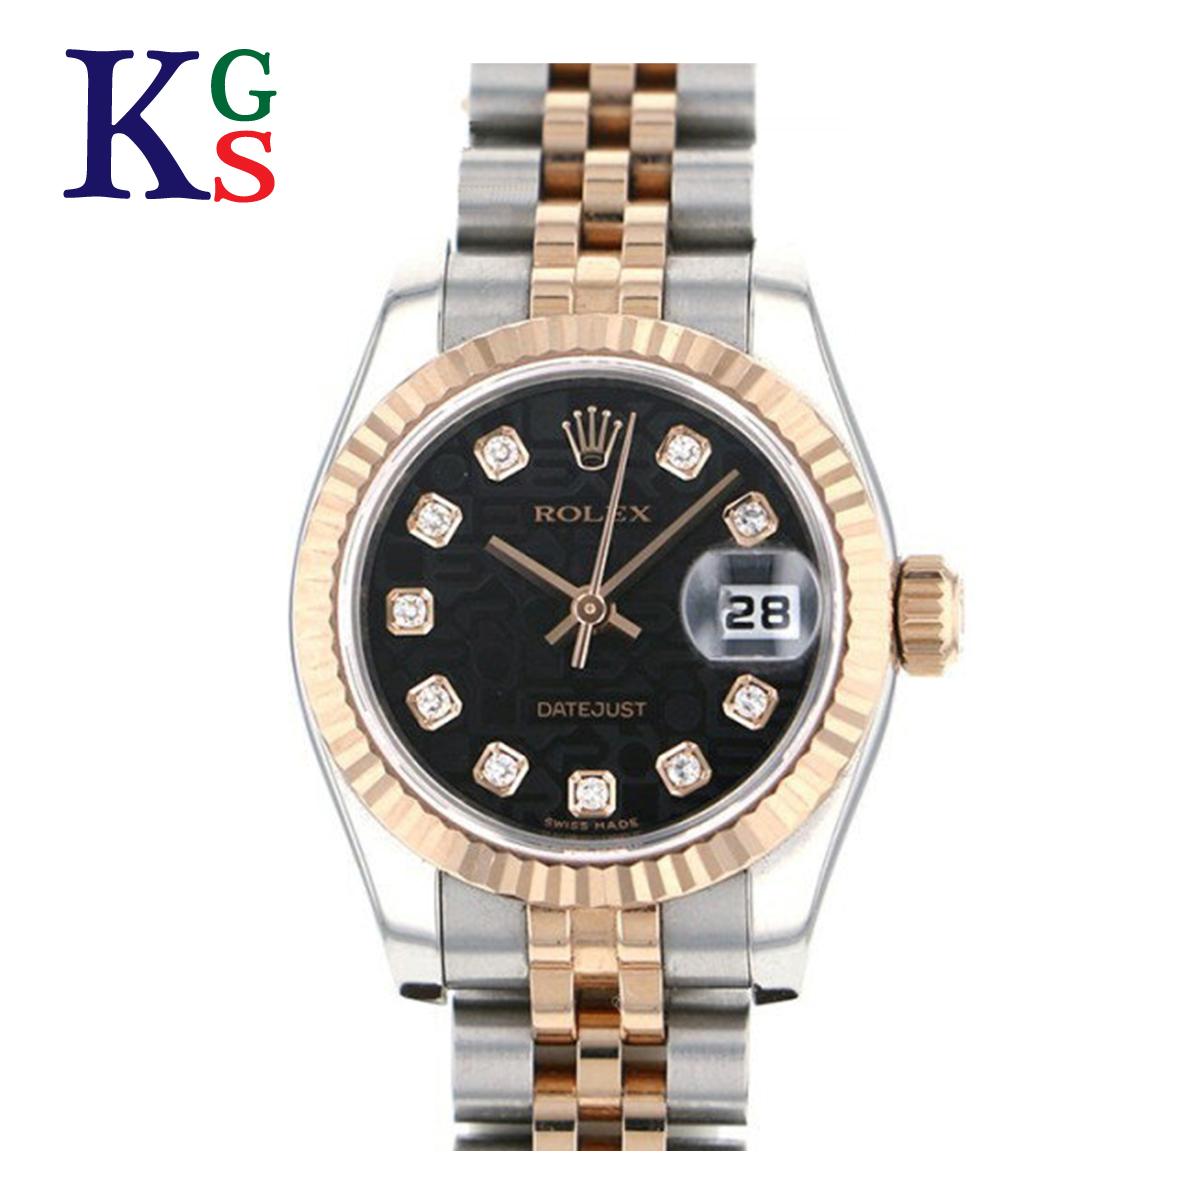 【ギフト品質】ロレックス/ROLEX レディース 腕時計 デイトジャスト コンピューター文字盤(ブラック) エバーローズゴールド 10Pダイヤ×K18PG×ステンレススチール 自動巻き オートマティック 179171G【30】